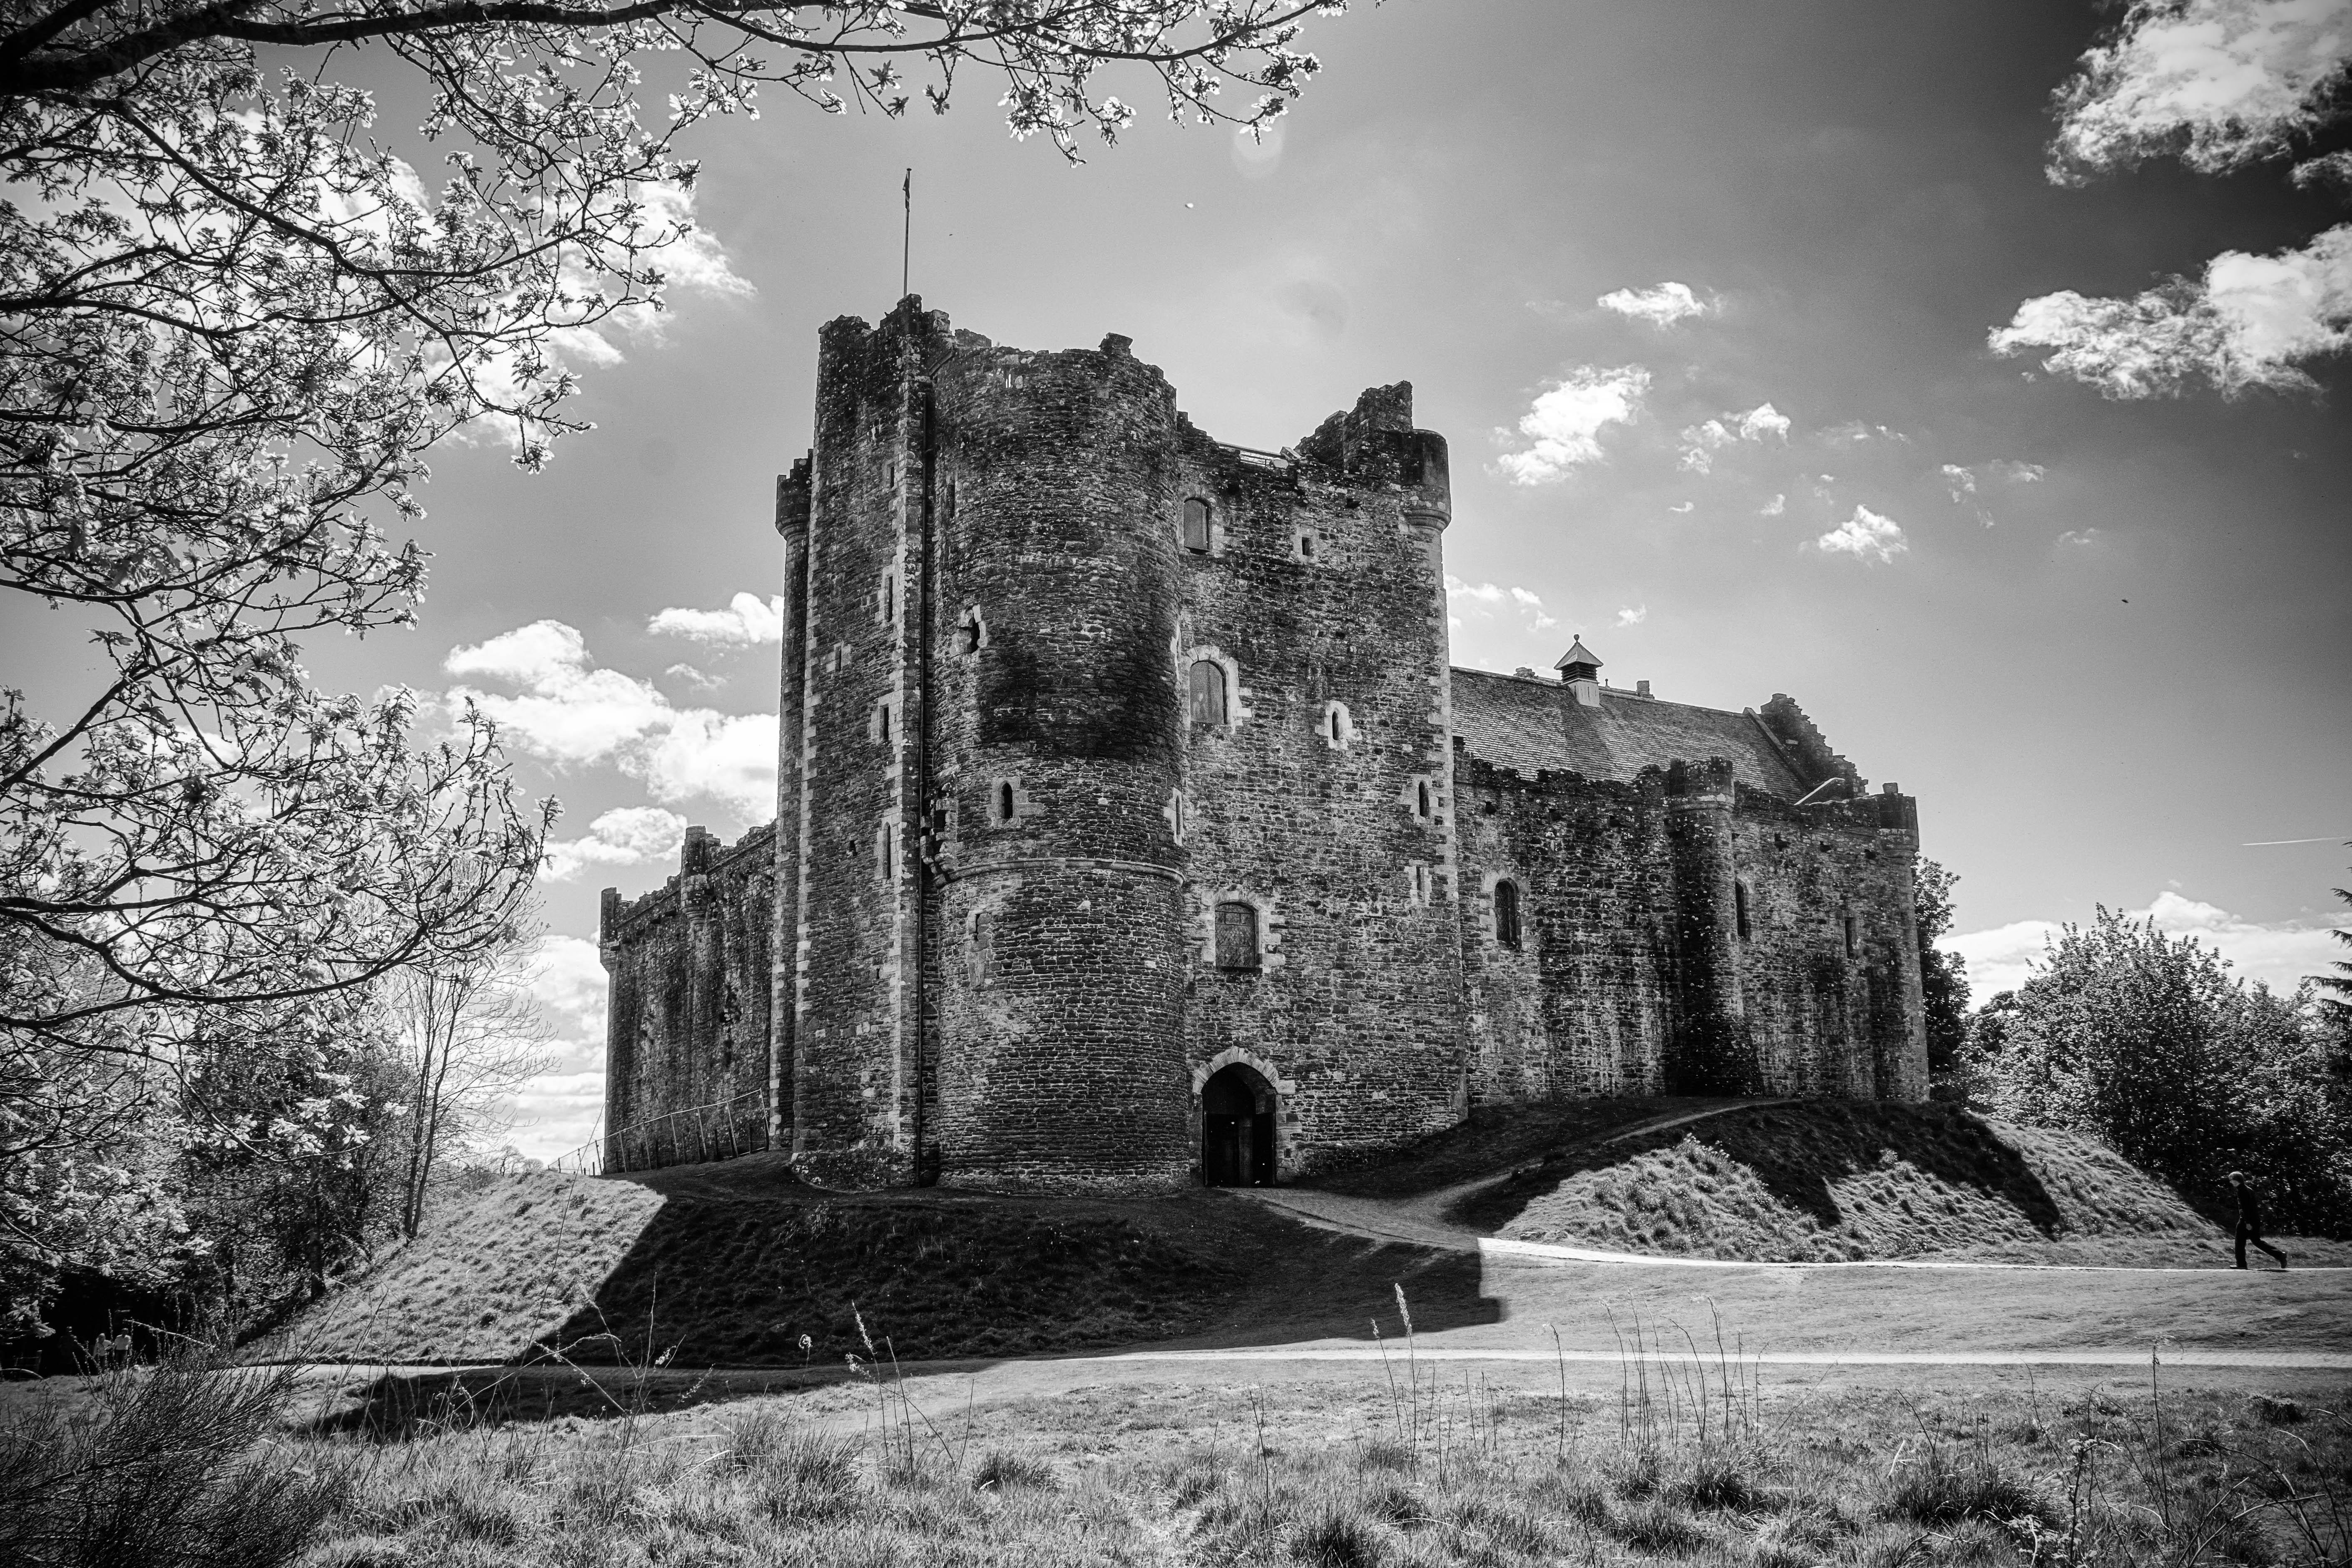 bw, 建物, 城, 歴史, モノクロ, 建築, スコットランド, ニコン, 遺跡, ノワレブラン, 屋外, ニッコー, デンキャスル,  映画の場所, ゲーム・オブ・スローンズ,